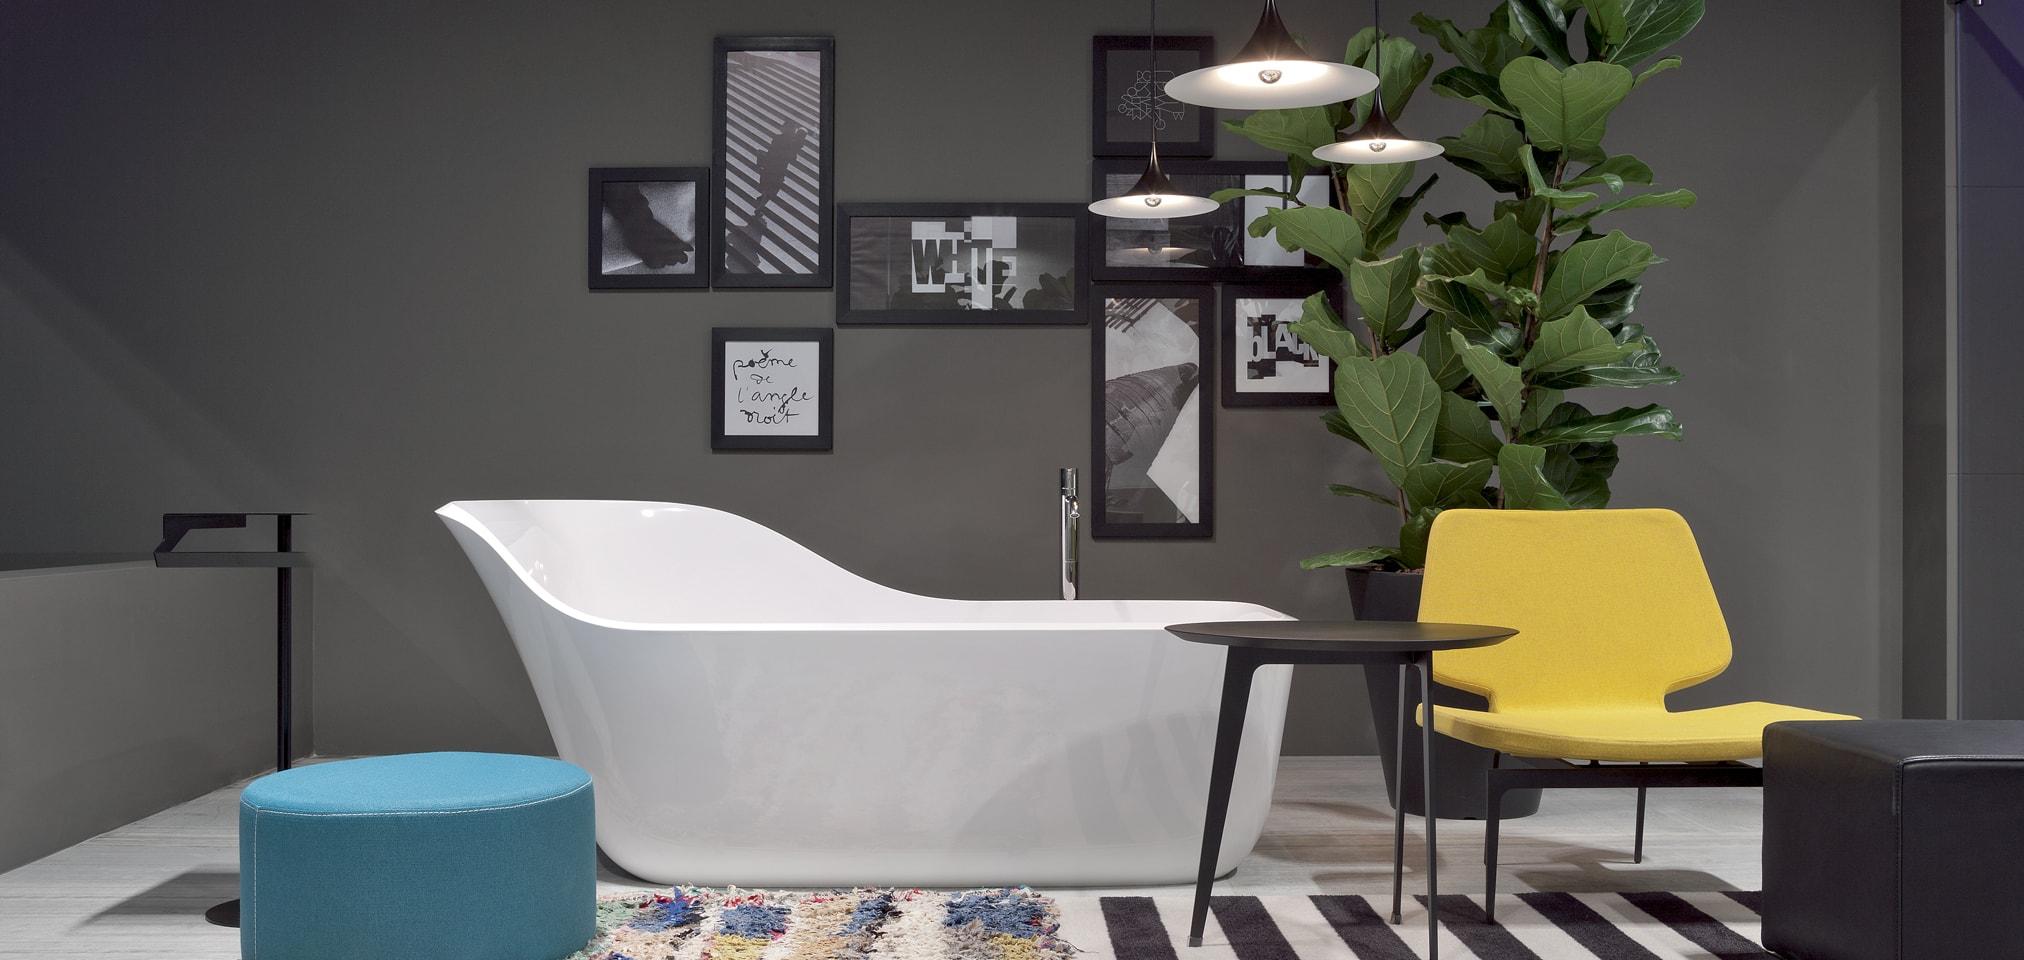 edil-m | arredo bagno, ceramiche, vasche, rubinetteria, sanitari ... - Arredo Bagno Ovada